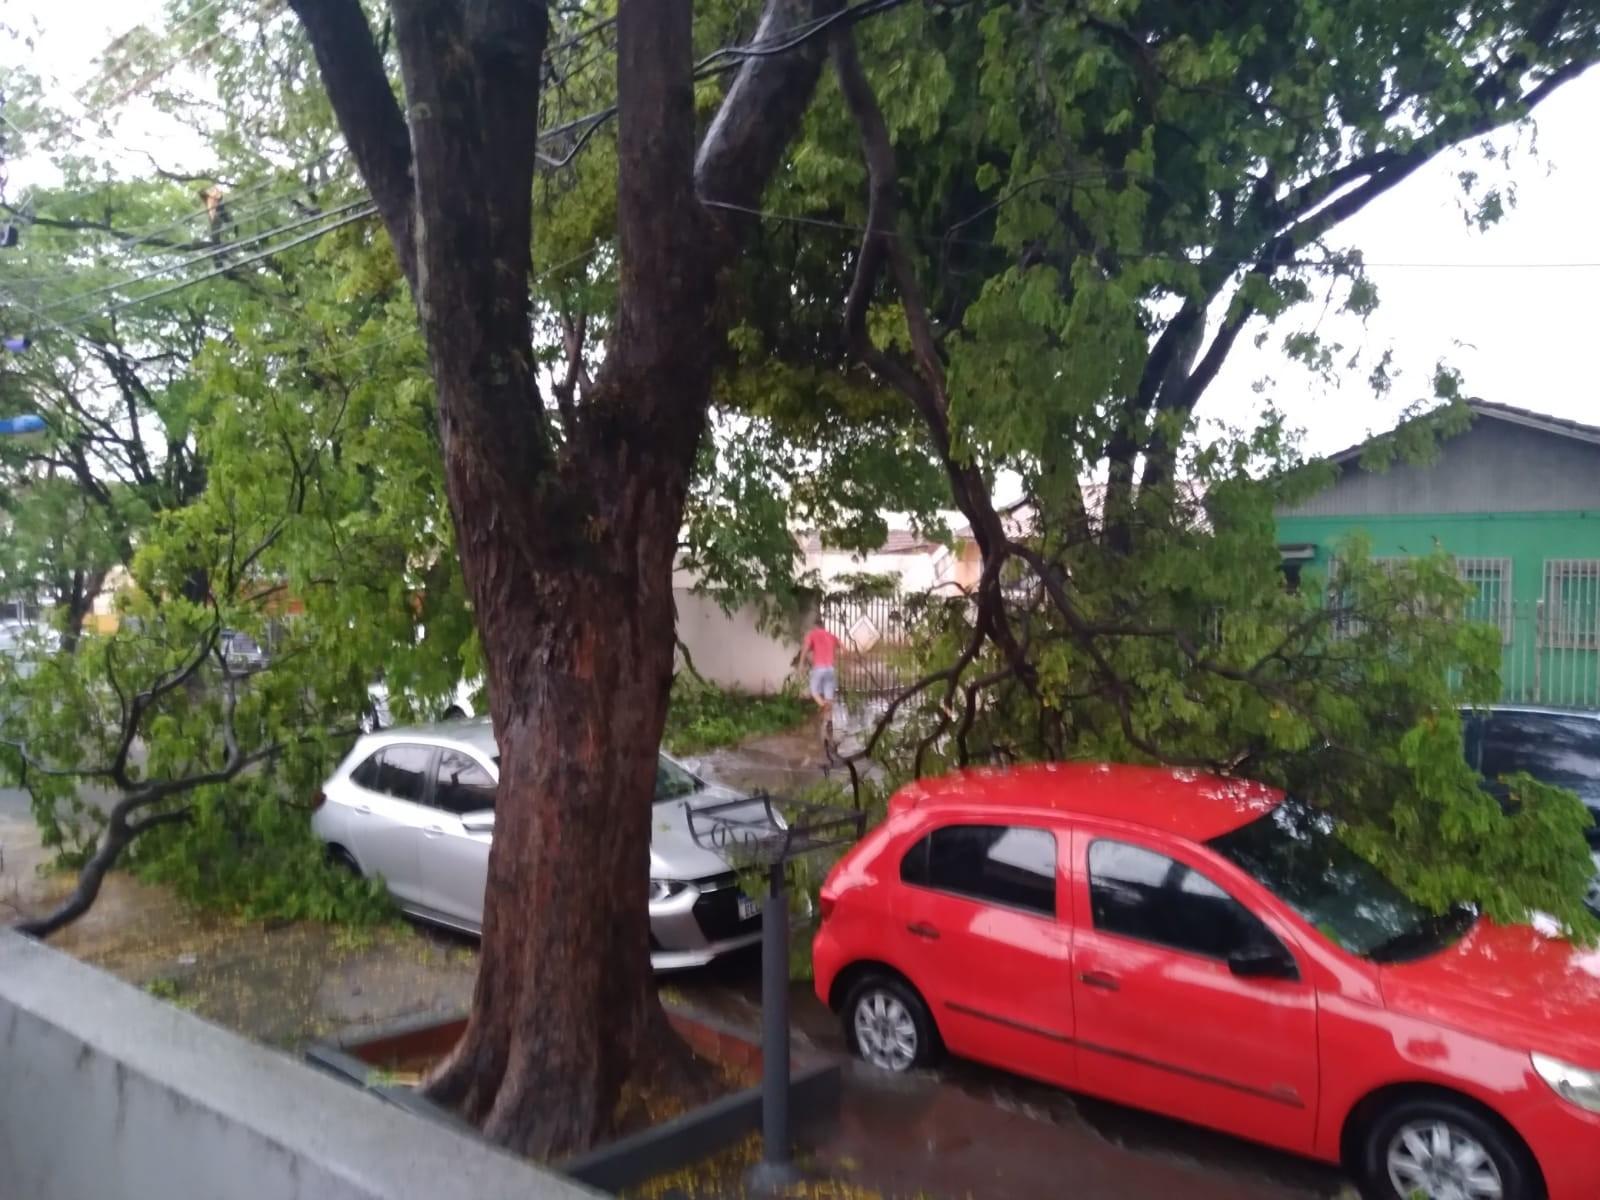 Na Rua Uruguai, no Jardim Alvorada, galhos de uma árvore antiga caíram e deixaram estragos (Fotos enviadas pelo ouvinte Rogério Gonçalves)